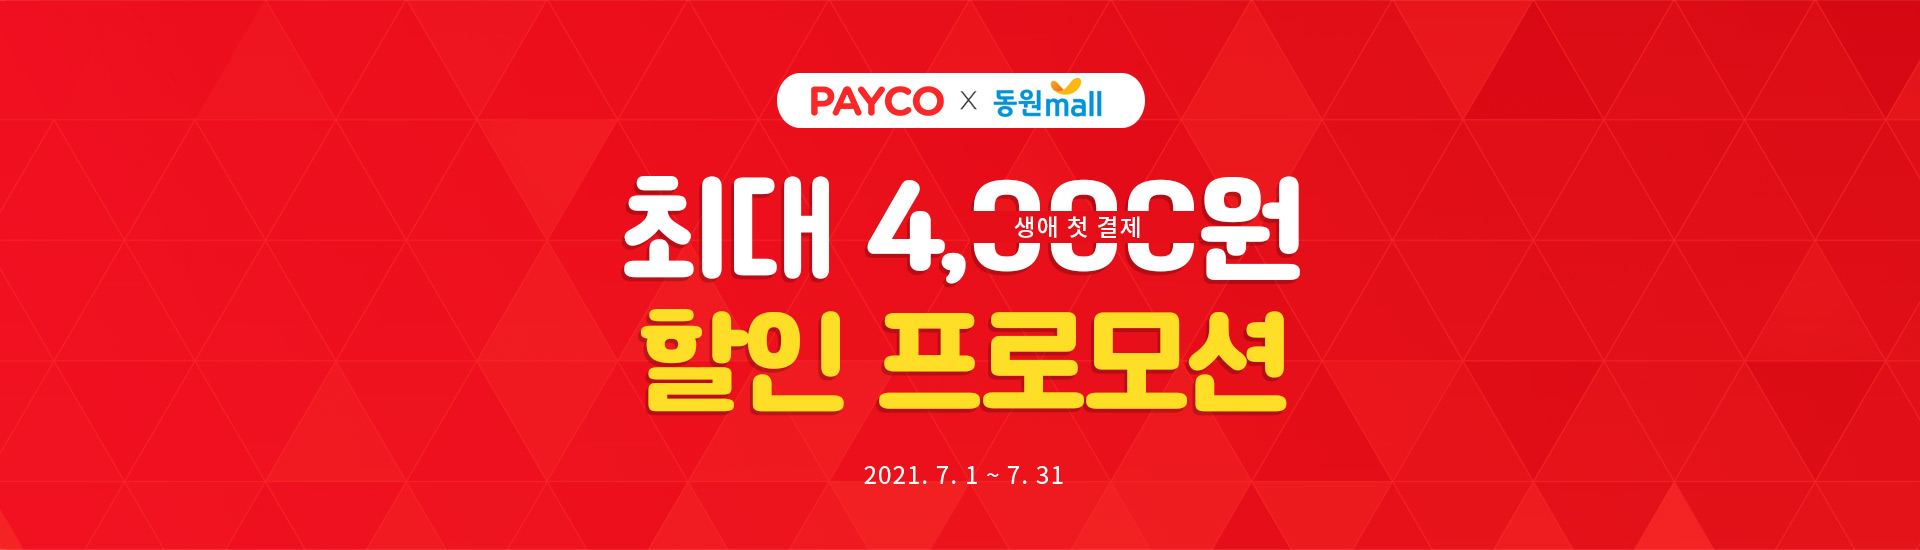 페이코 동원몰 생애 첫 결제 최대 6,500원 할인 프로모션 2019. 7. 1 ~ 7. 31